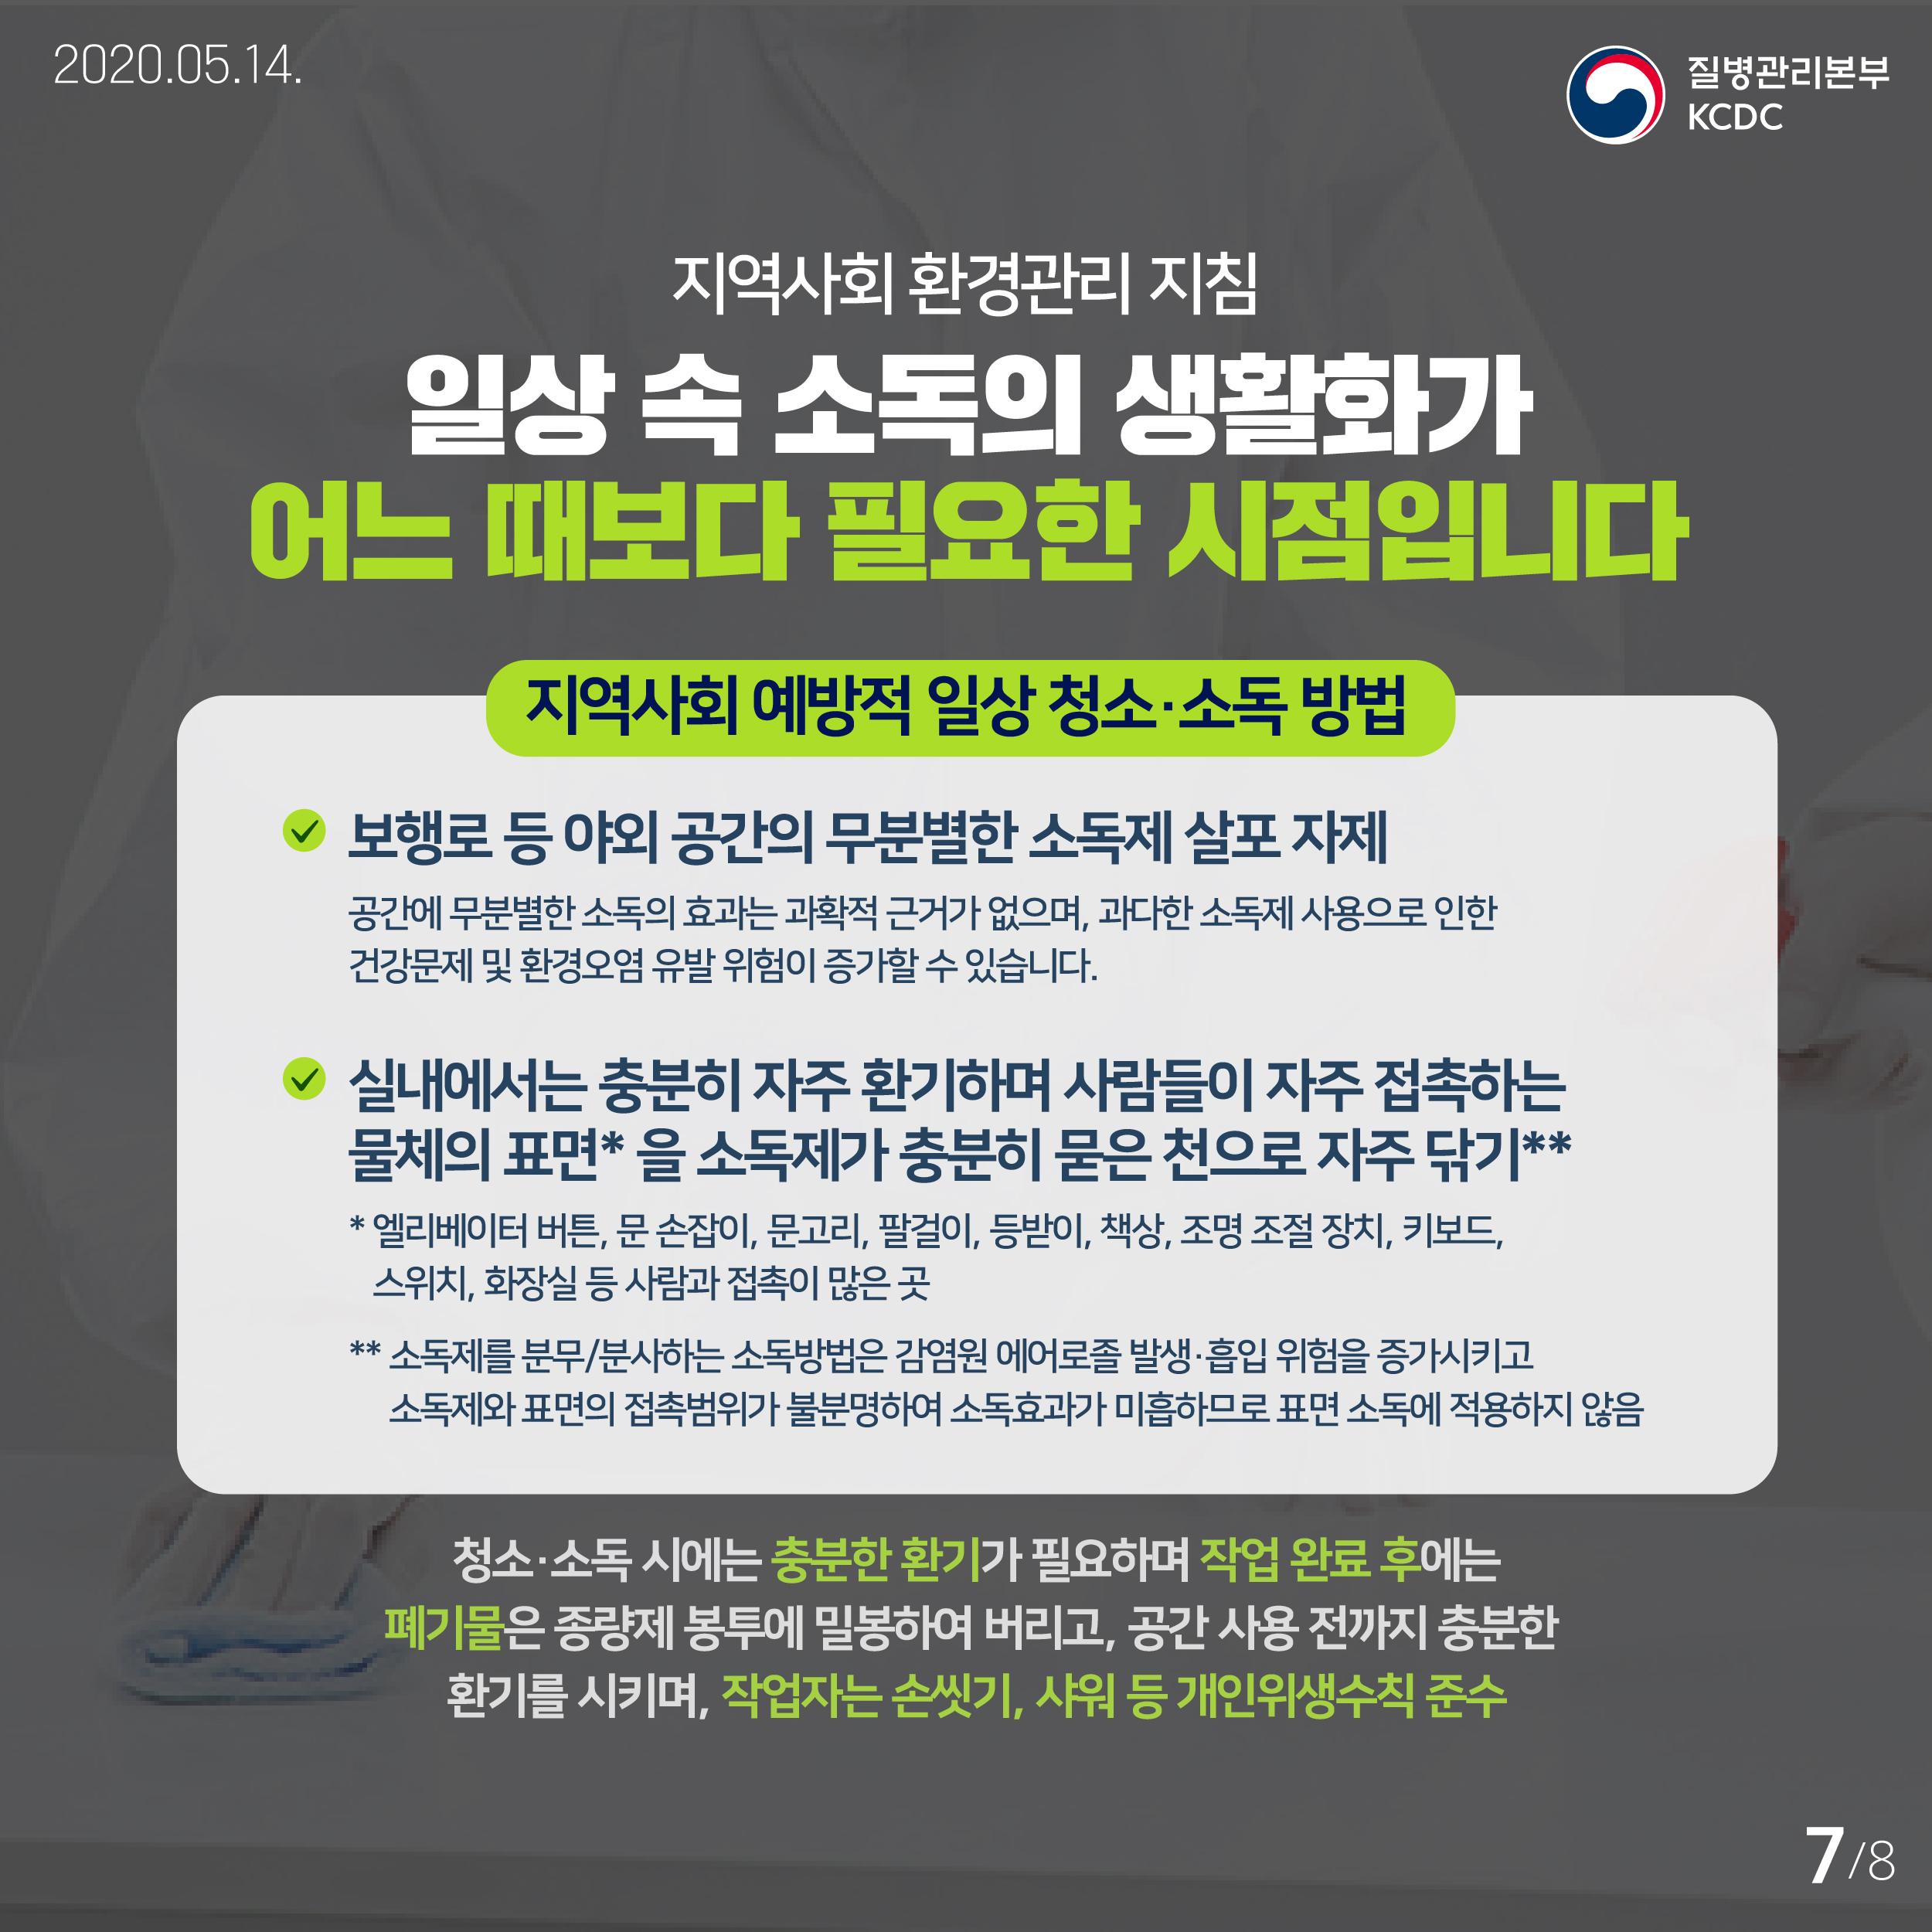 20200514_KCDC_사례정의8판_카드뉴스_7.jpg